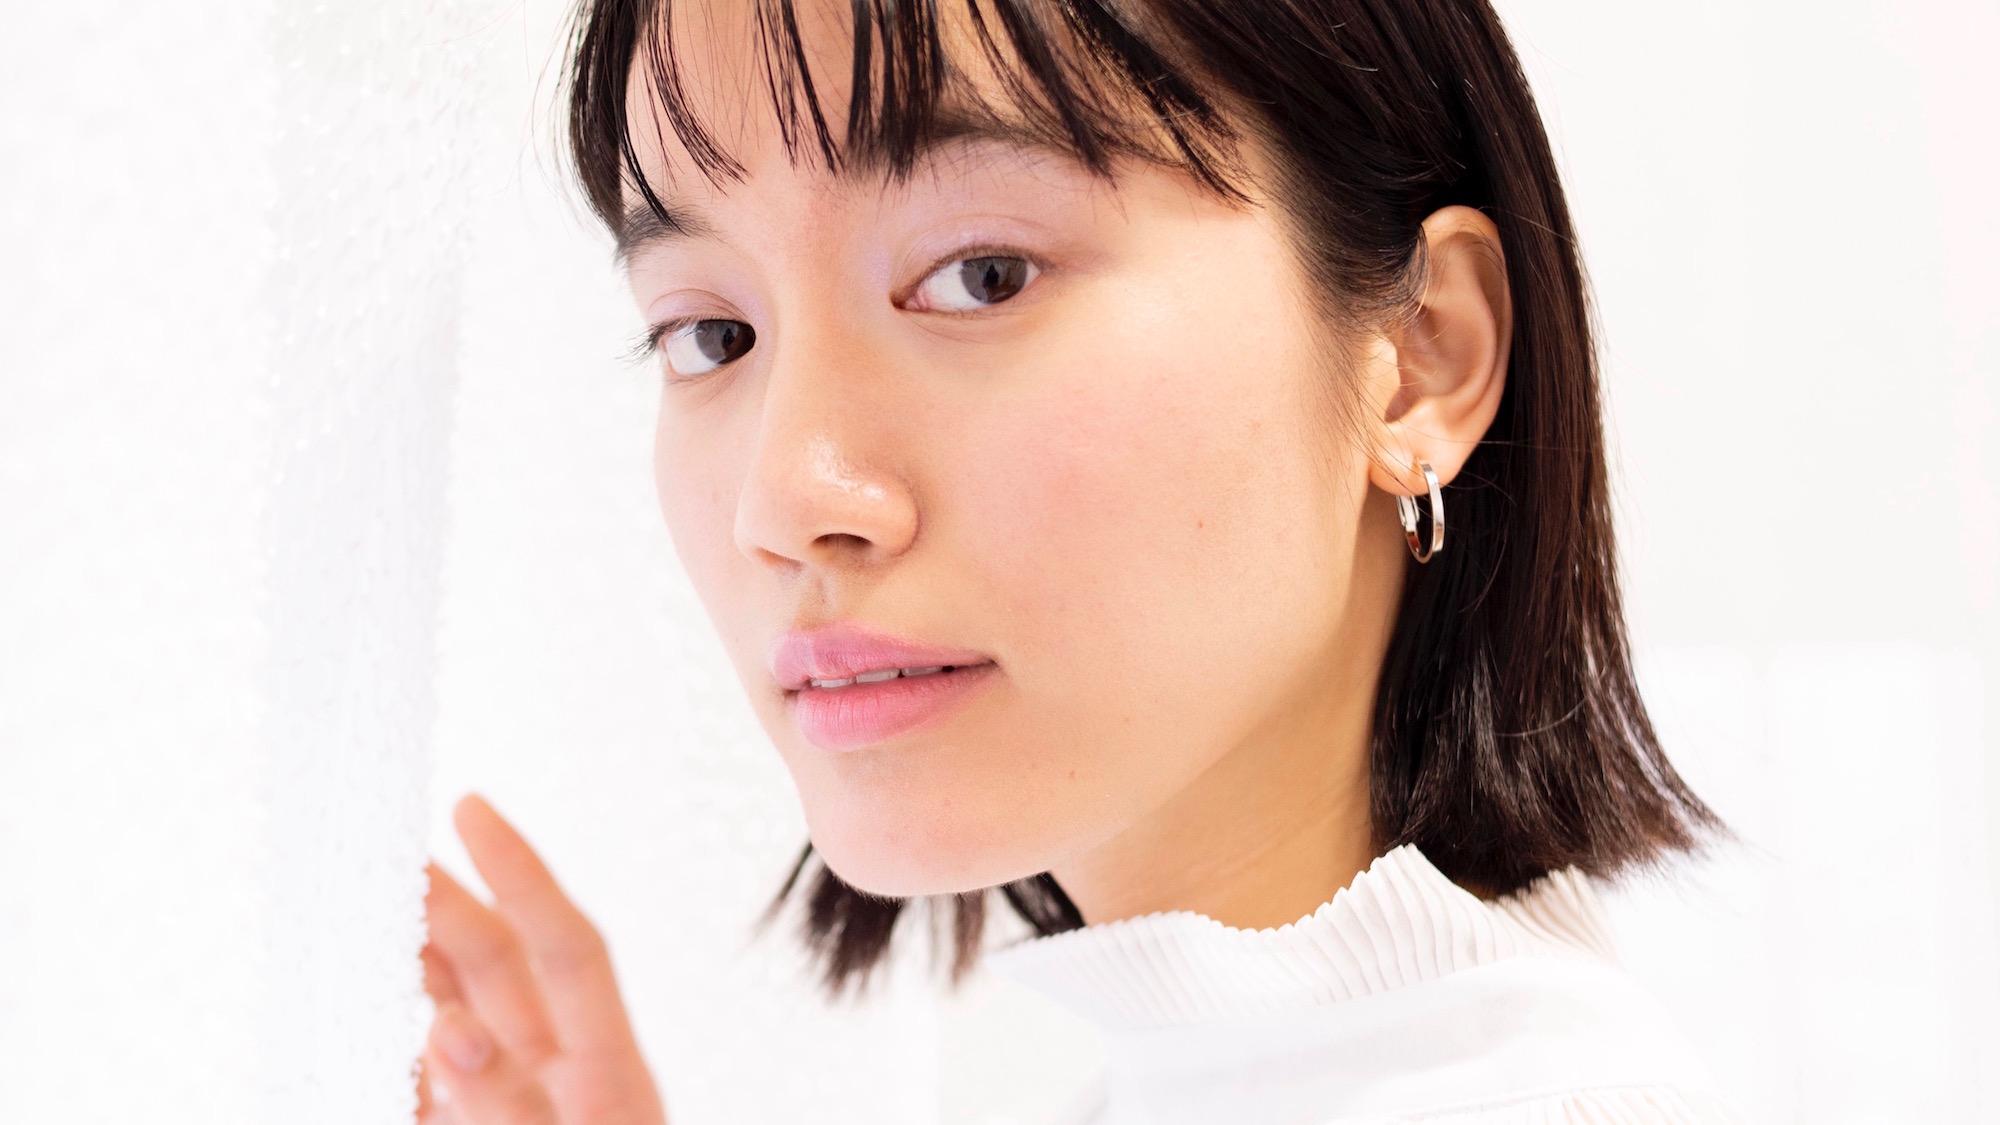 【なりたい印象別】vol.3 媚びない大人の愛されメイクって?